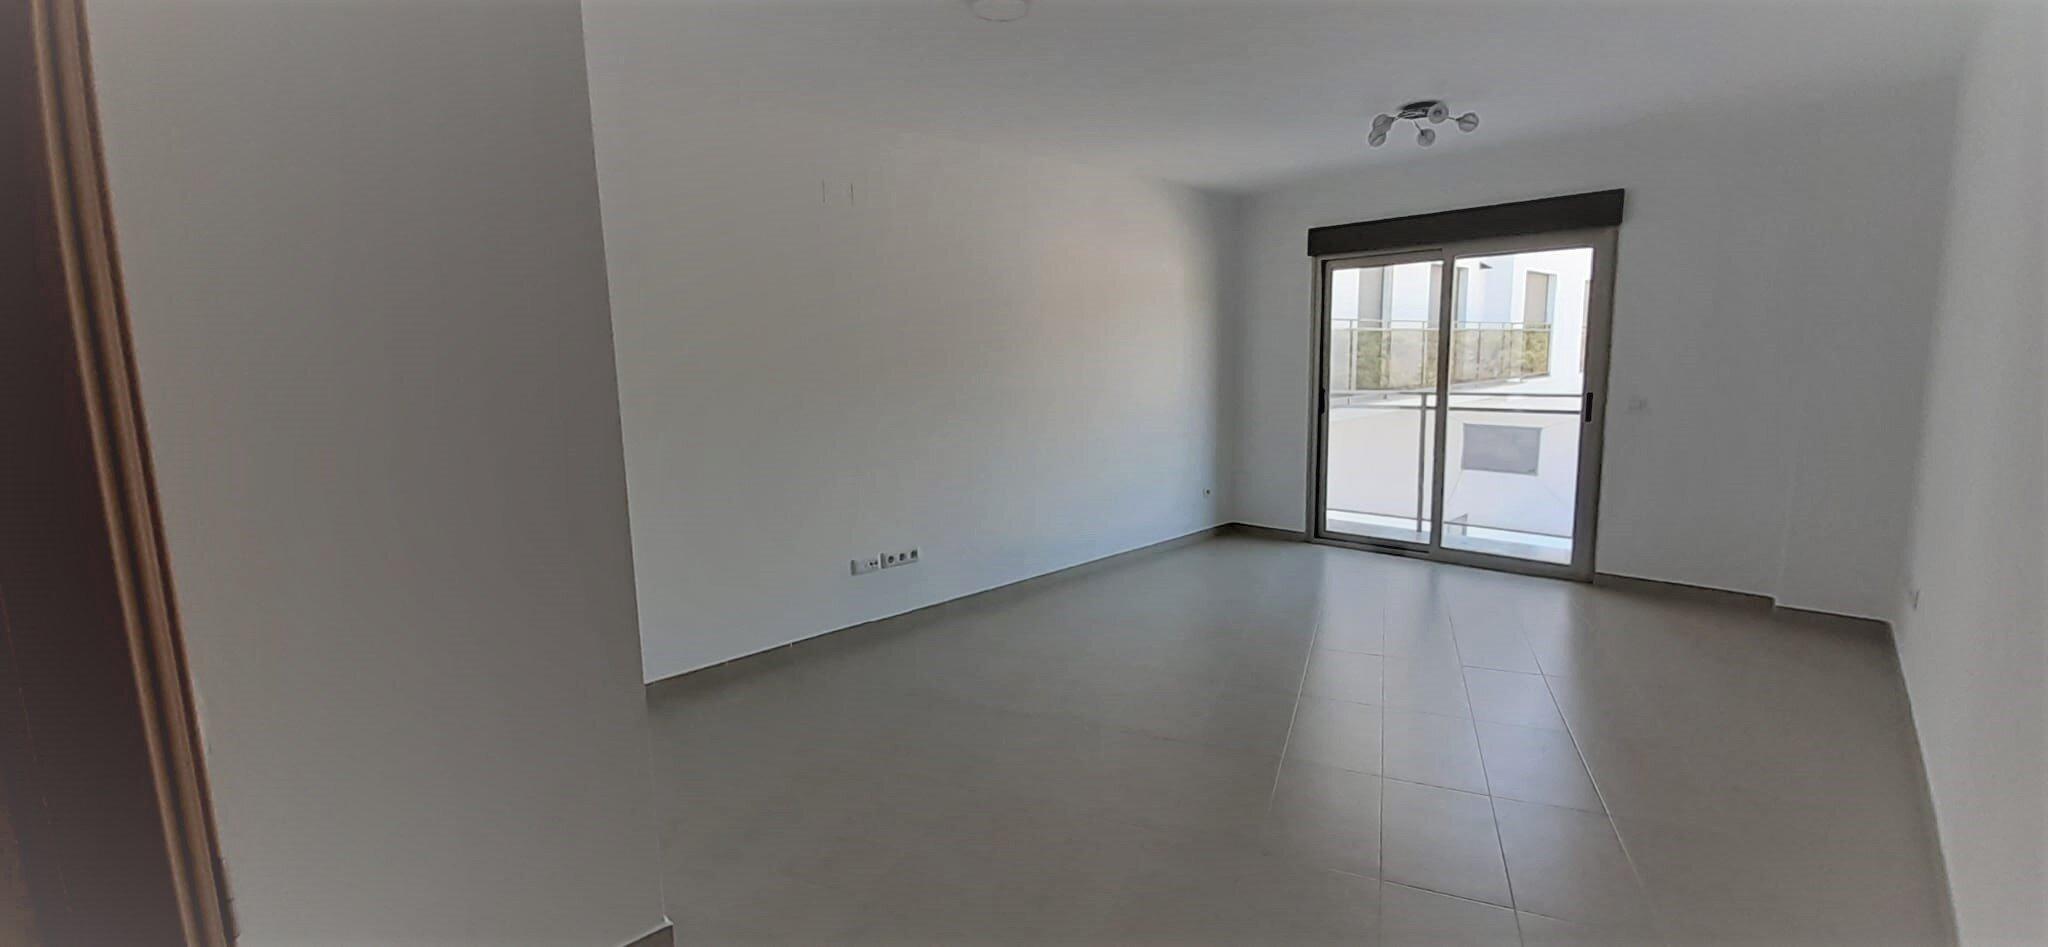 Photogallery - 12 - Olea-Home | Real Estate en Orba y Teulada-Moraira |